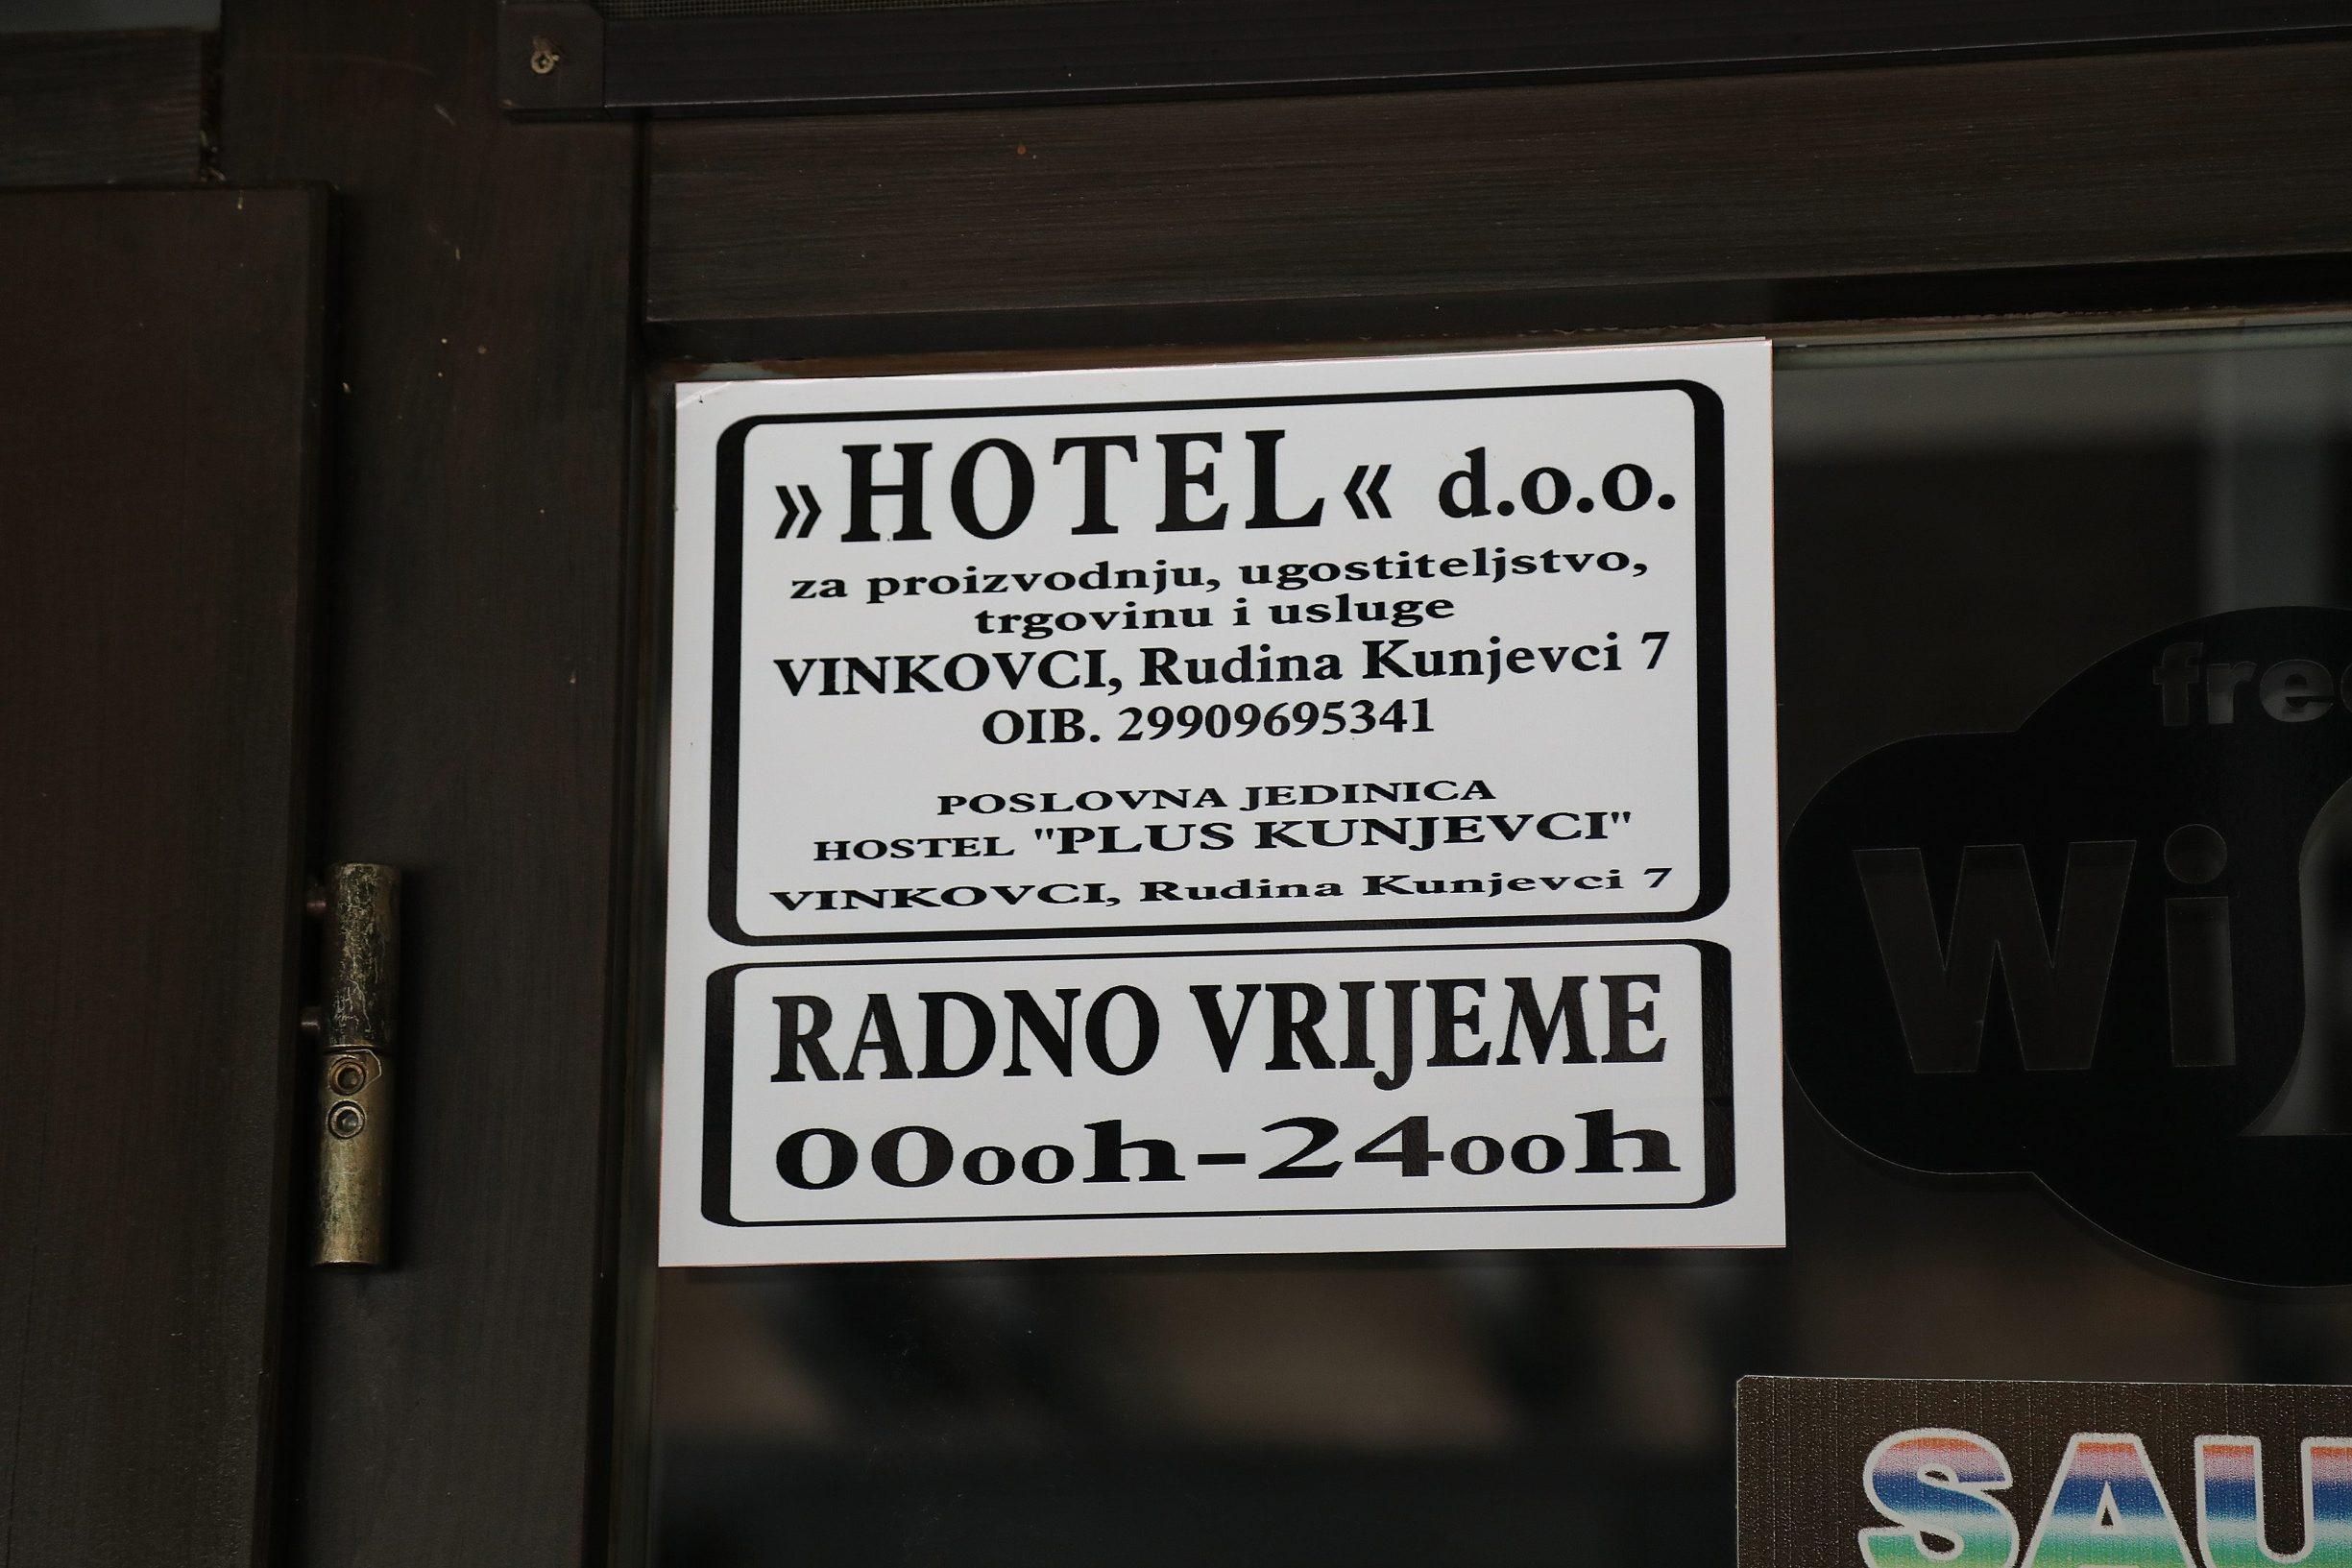 Vinkovci, 190719. U hotelu Kunjevci kod Vinkovca, doslo je do fizickog ,a kasnije i oruzanog obracuna u kojem je zivot izgubio mladic iz Otoka  Na fotografiji: Hotel Kunjevci. Foto: Ivan Peric / CROPIX